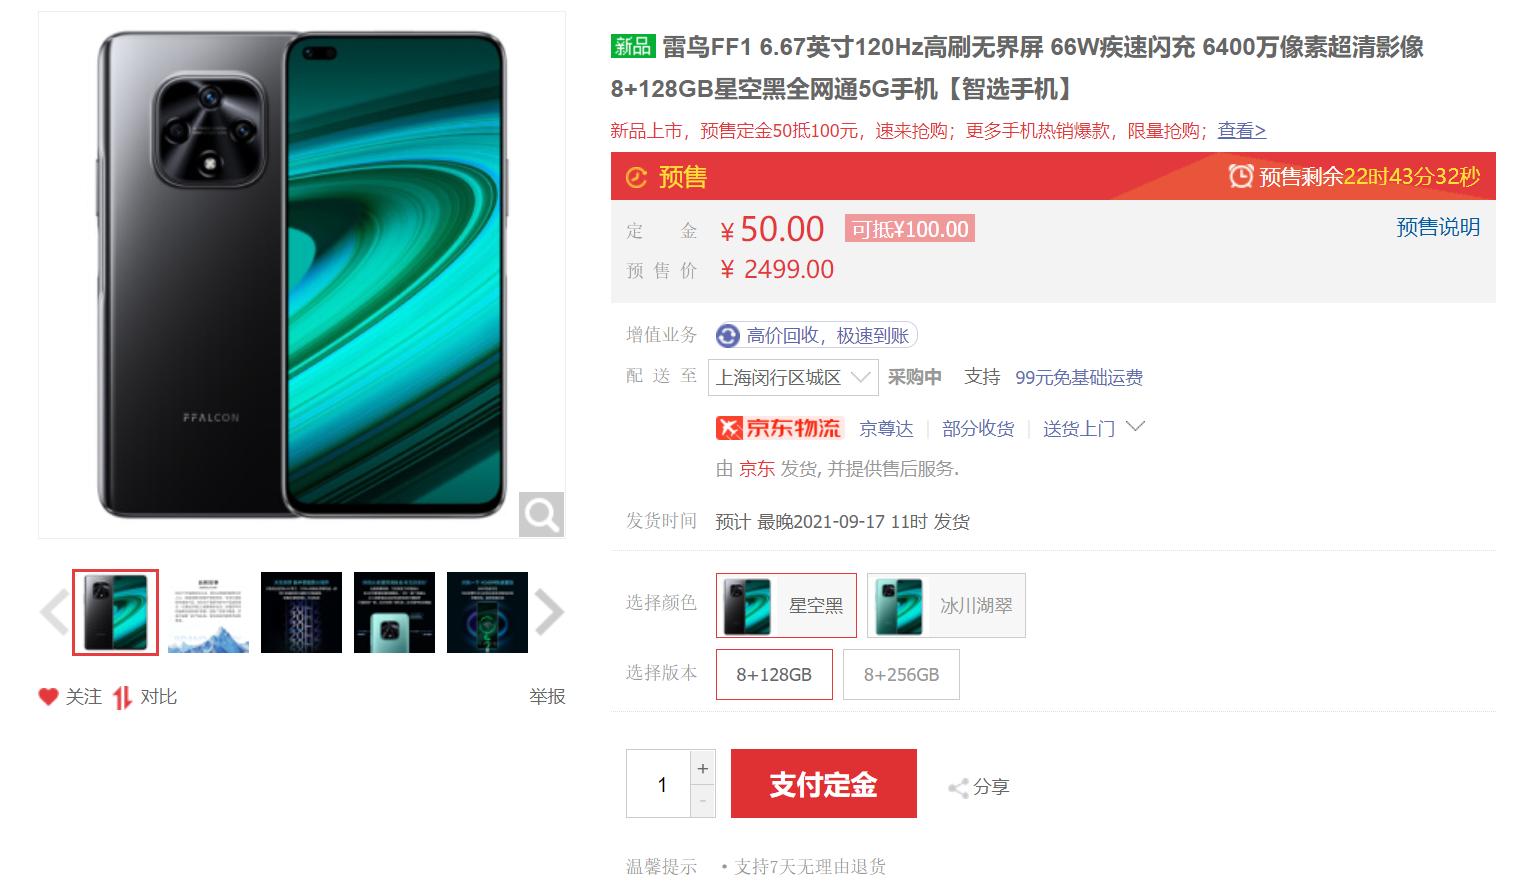 华为开卖TCL手机 雷鸟FF1上架自营店